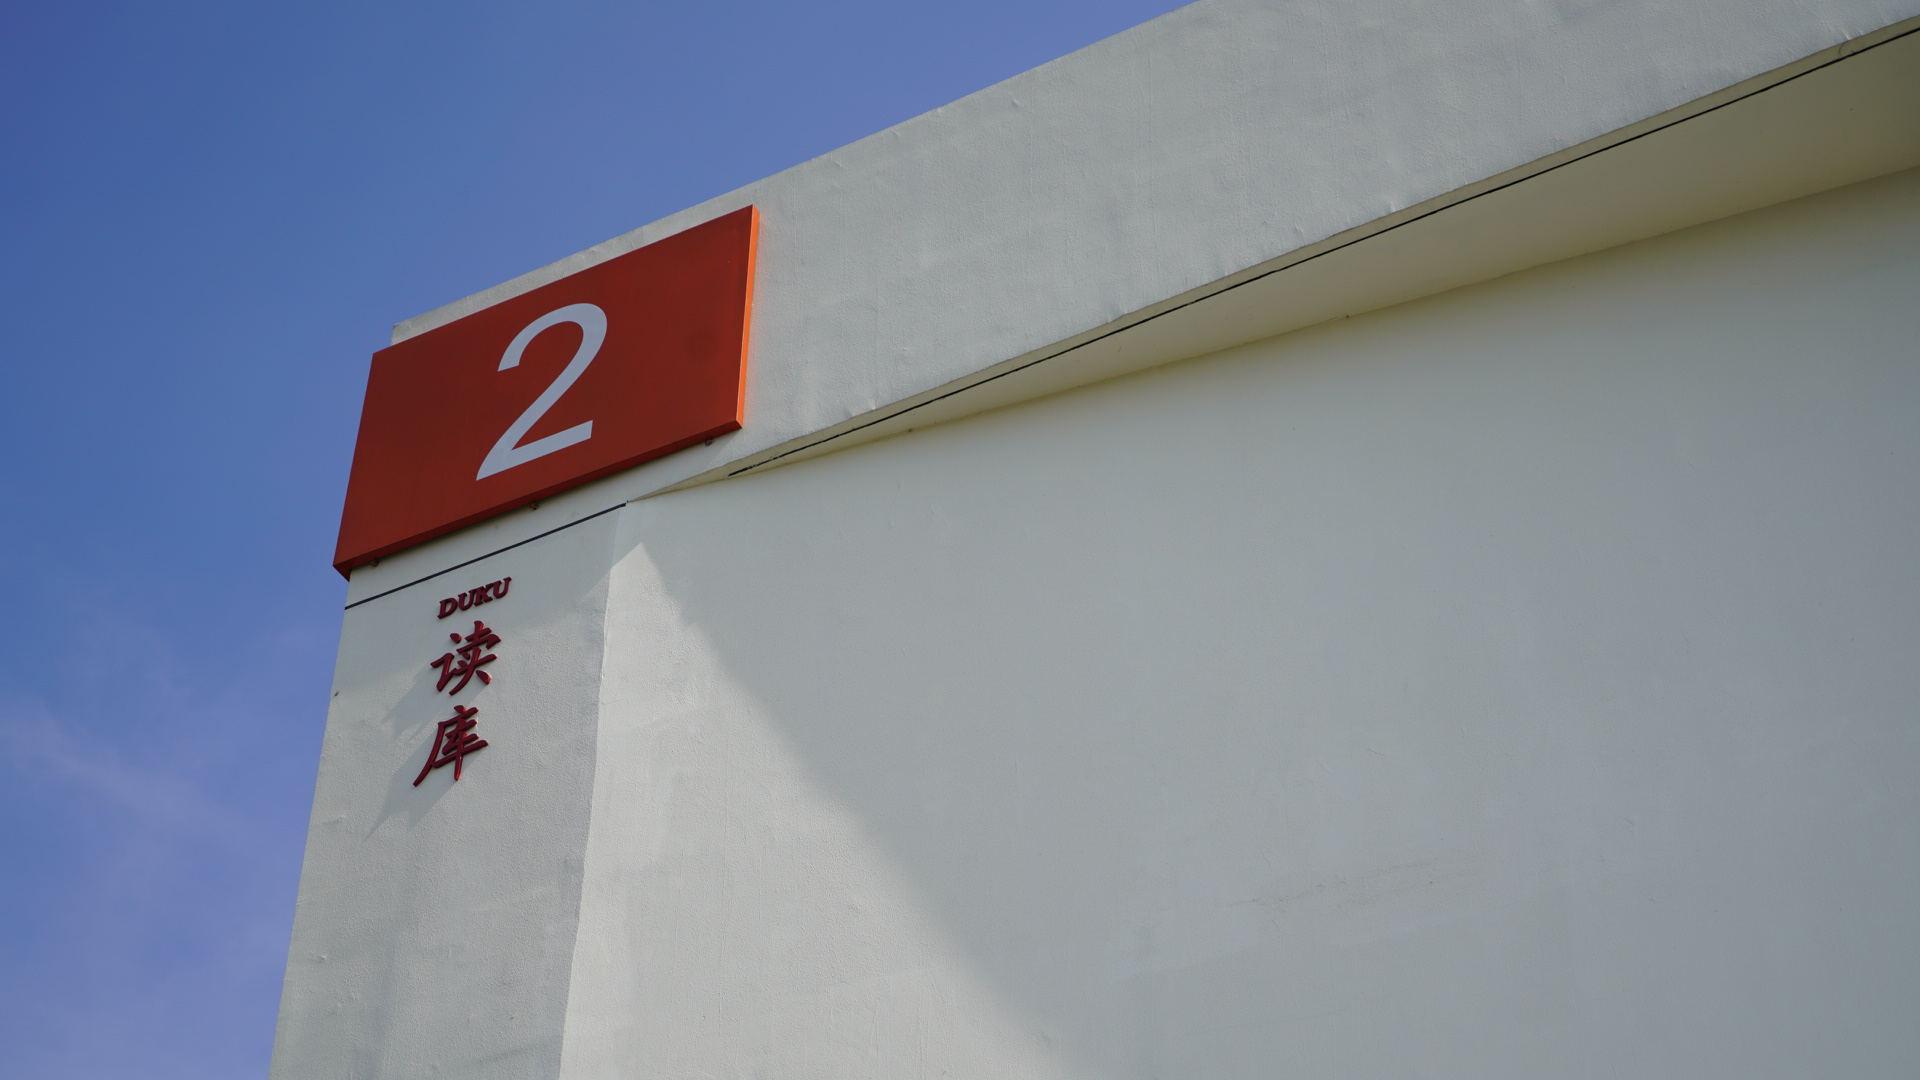 库房外景。 本文图片澎湃新闻记者 薛松